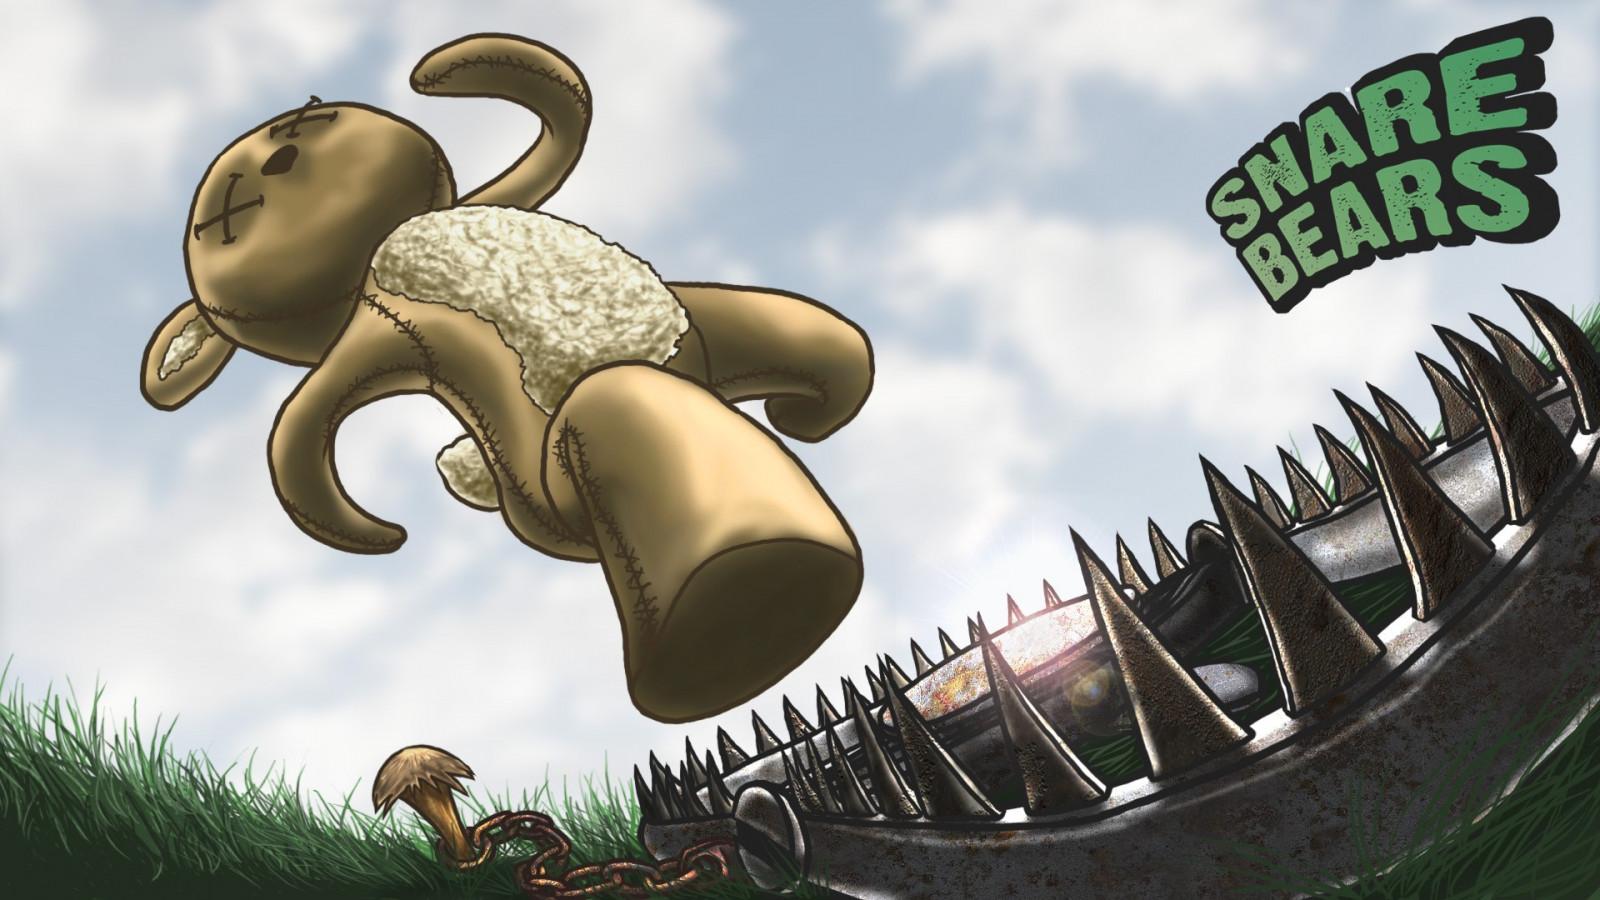 Sfondi illustrazione cartone animato animale di peluche